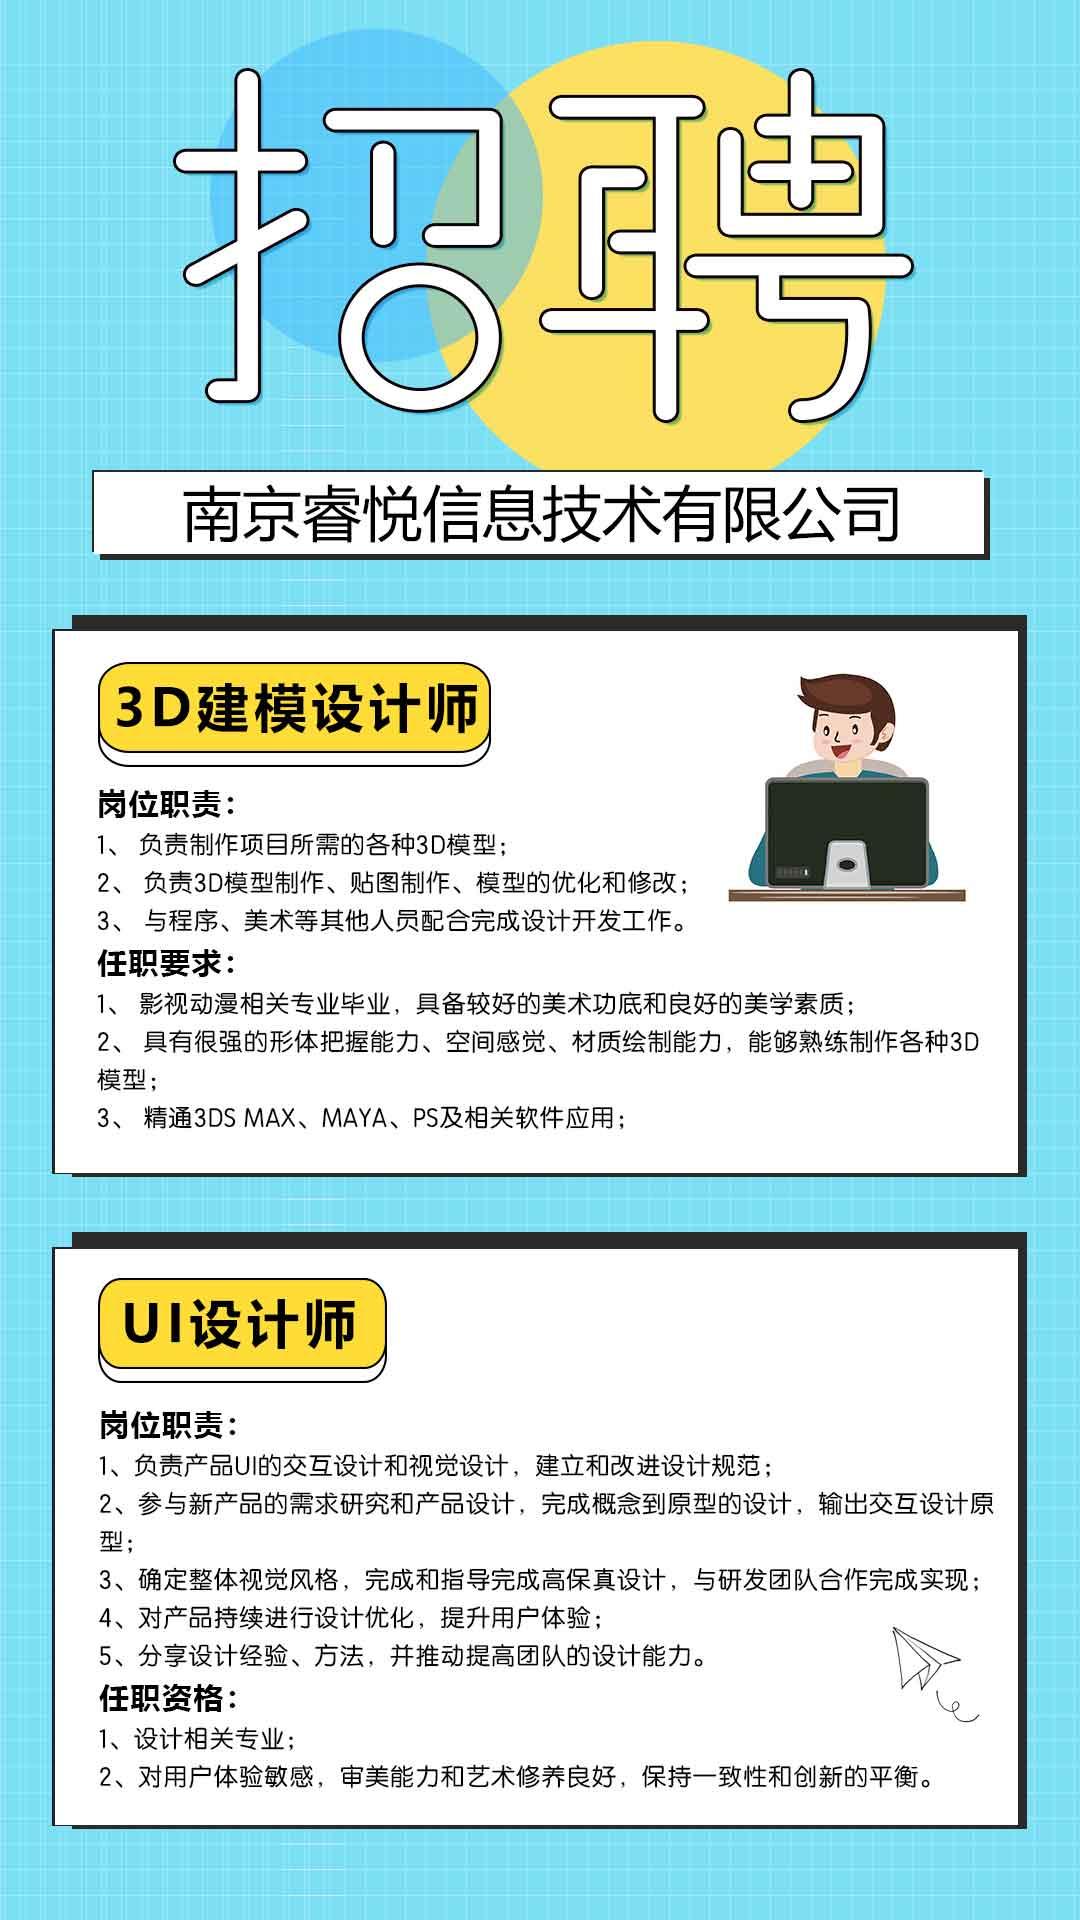 南京睿悦信息技术有限公司招聘